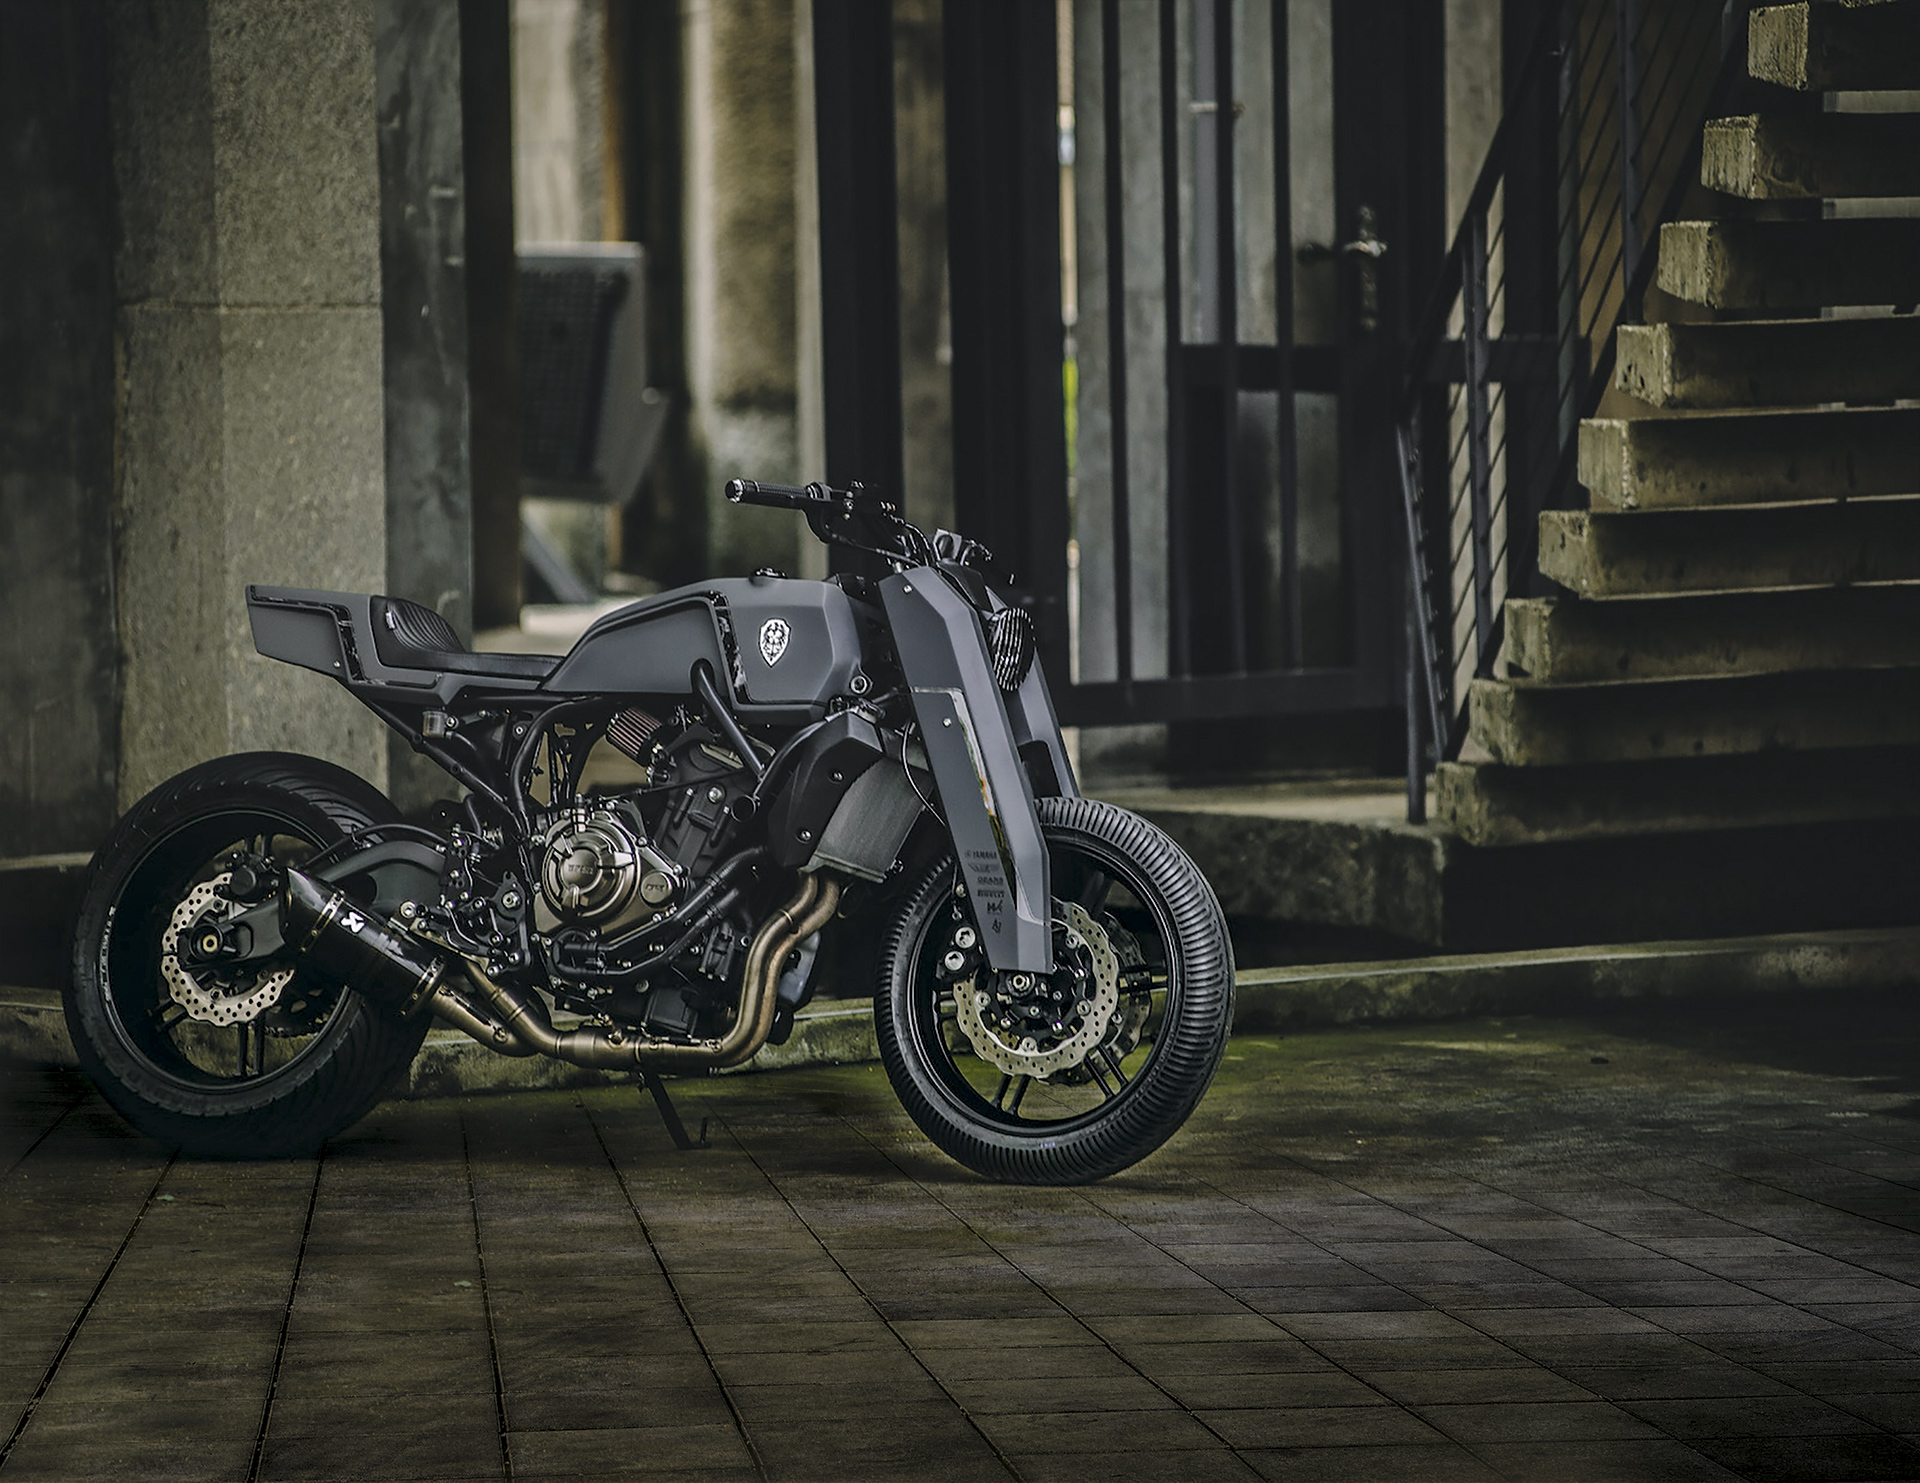 Onyx Blade de Rough Crafts, la Yamaha MT-07 hecha músculo